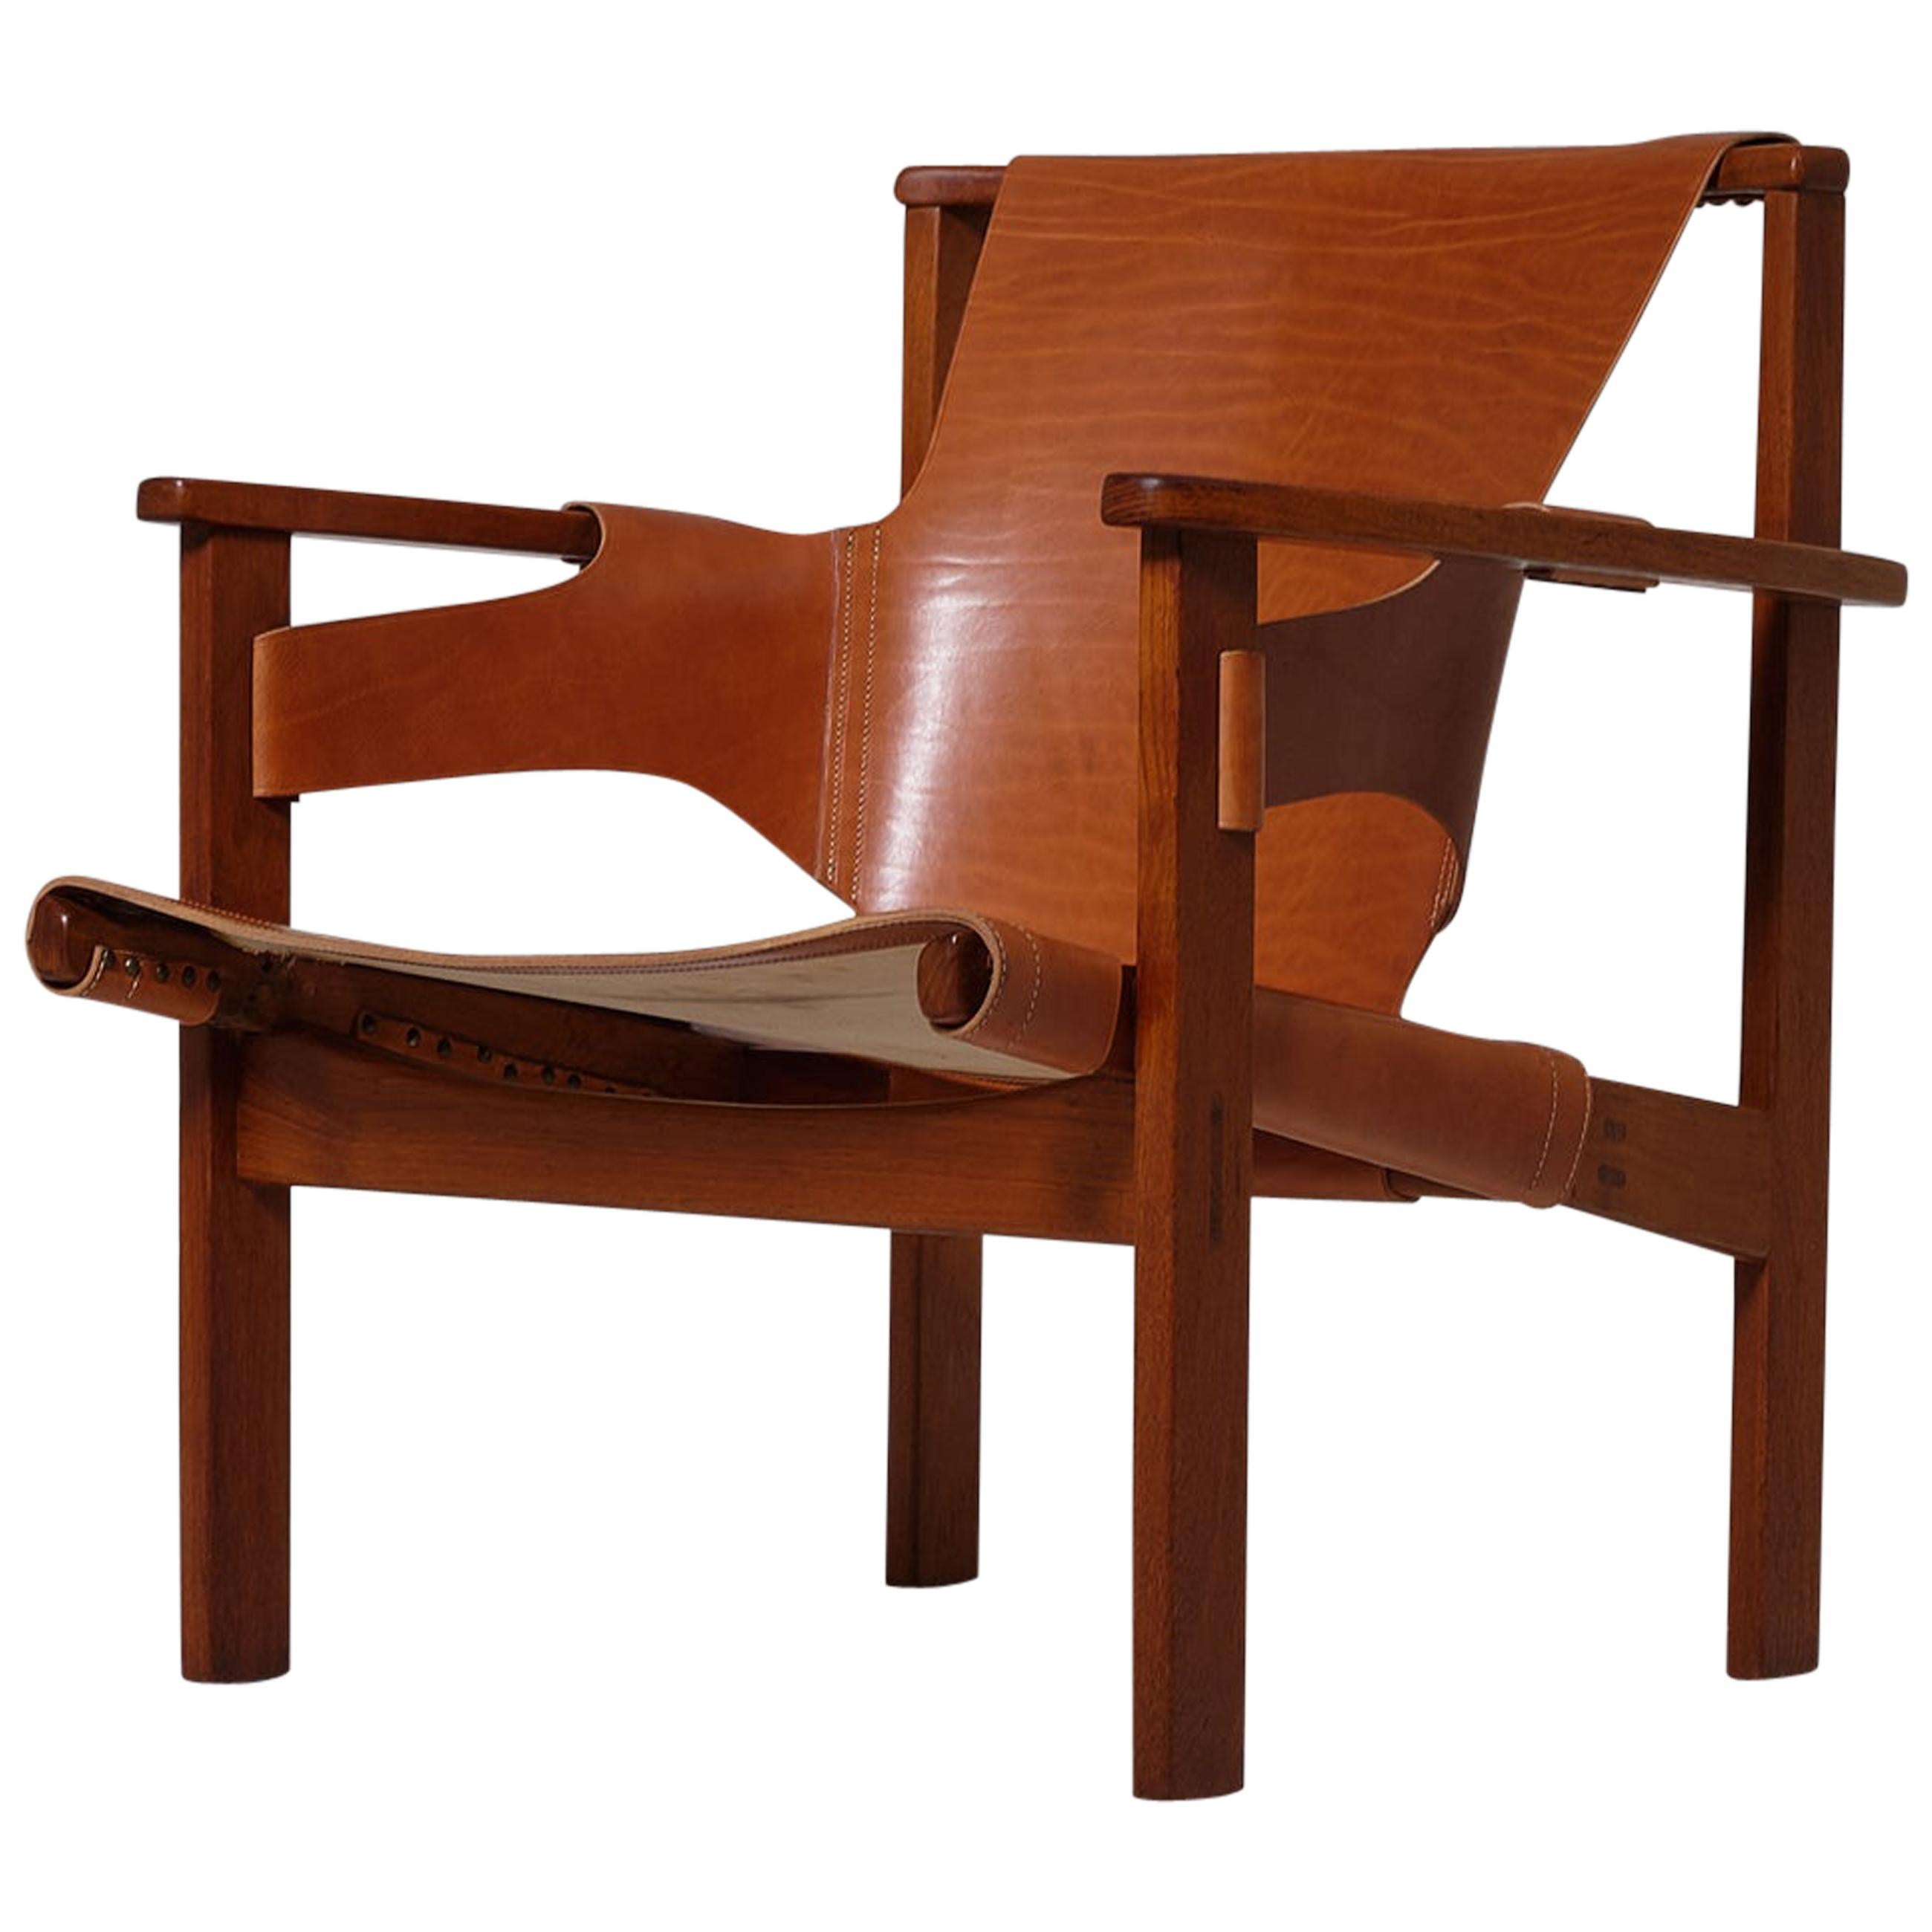 Carl-Axel Acking 'Triennal' Lounge Chair